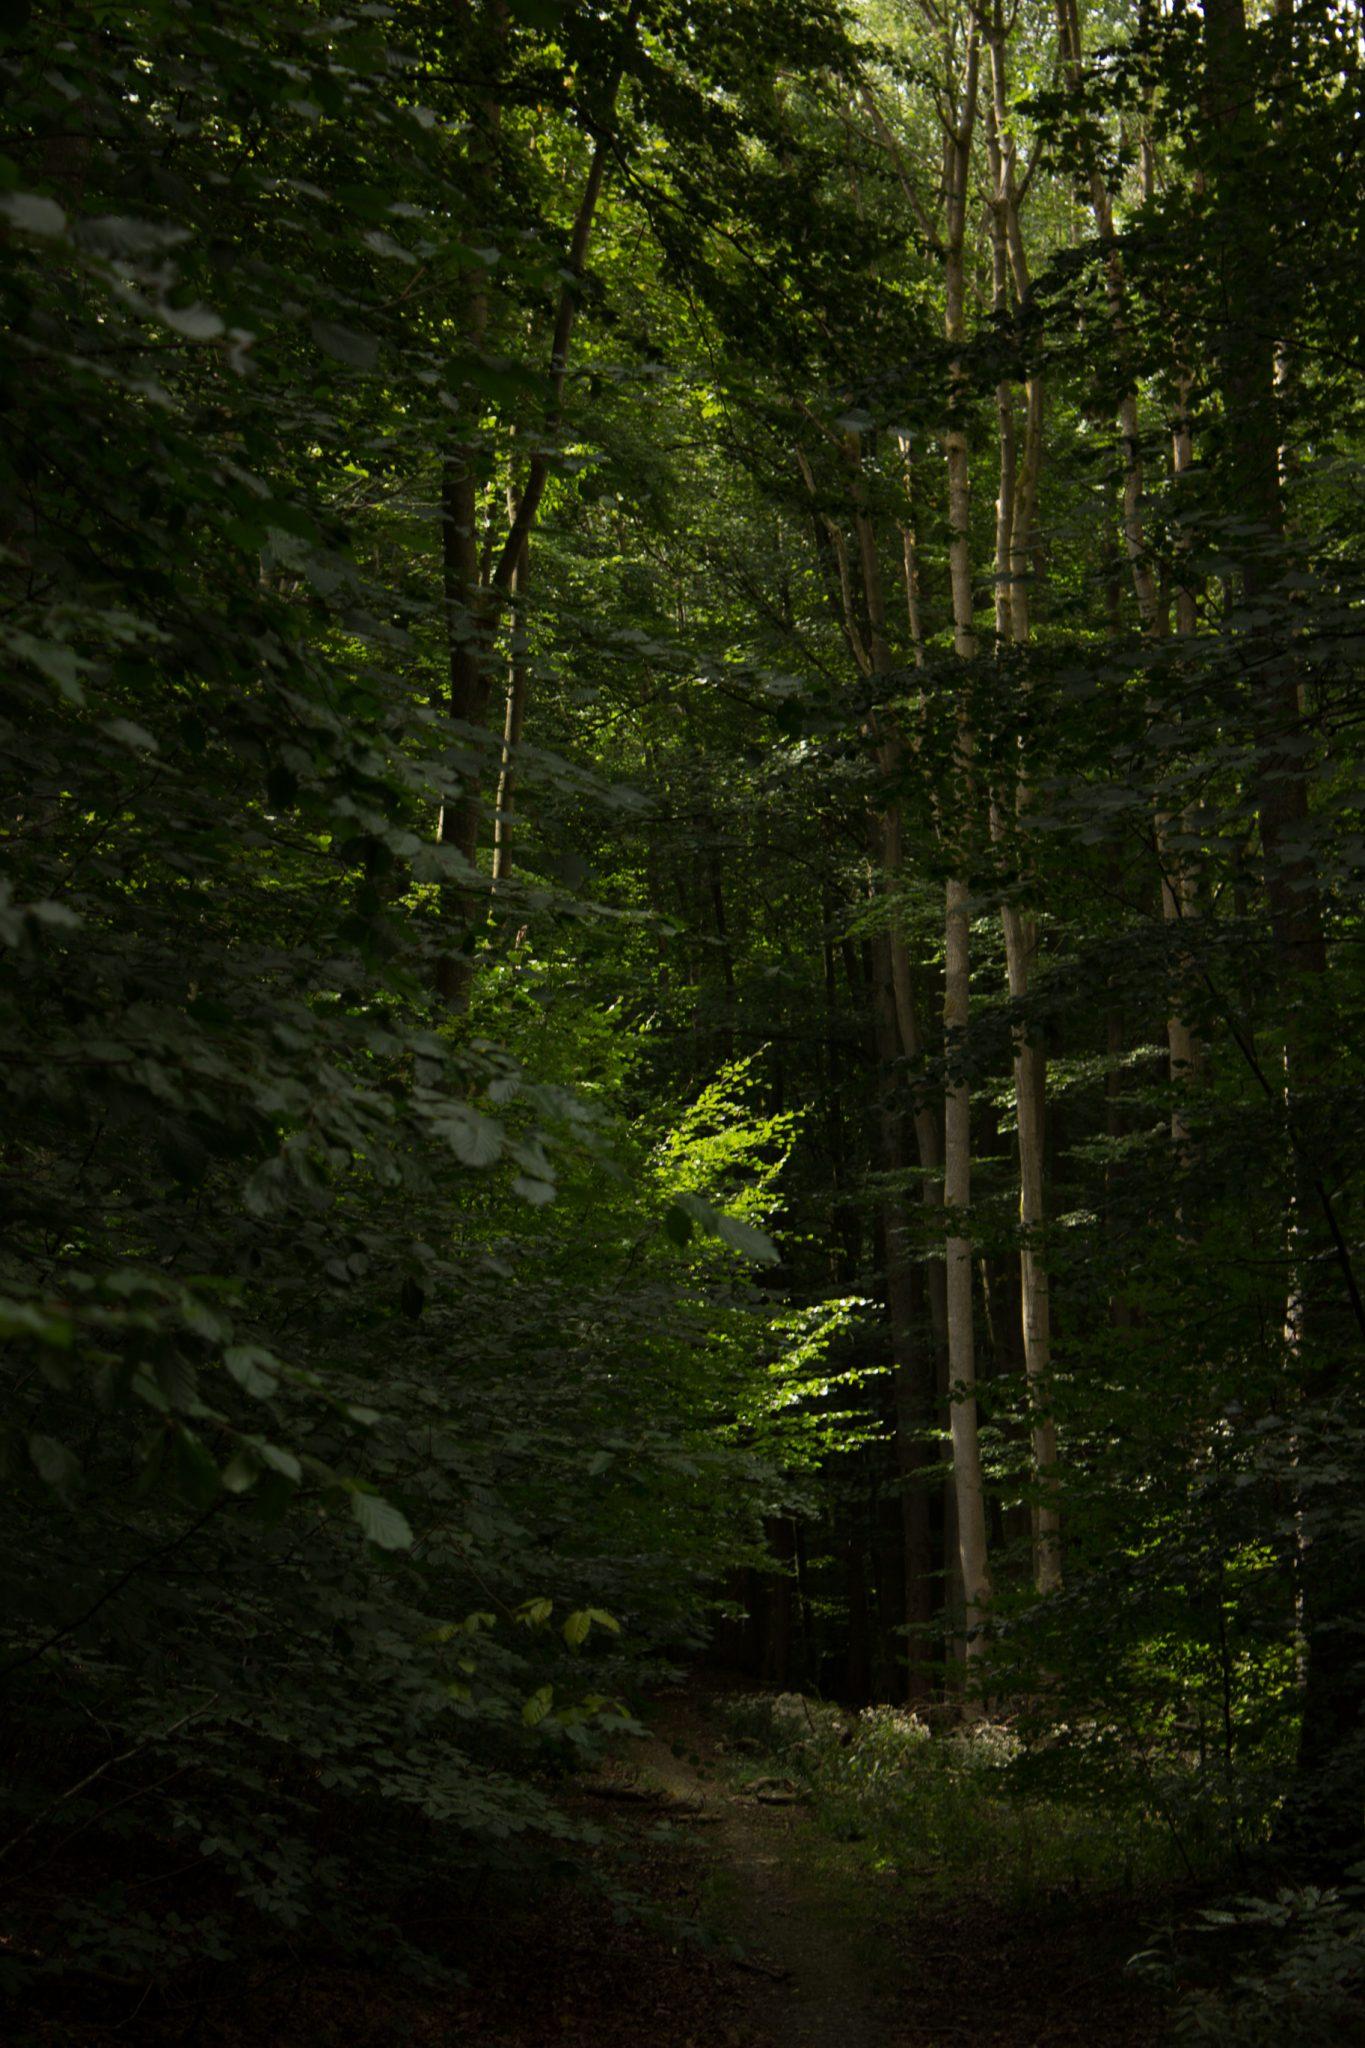 Nationalpark Hainich Saugrabenweg und Betteleichenweg wandern, dichter, ursprünglicher Buchenwald, sehr schmaler toller Pfad